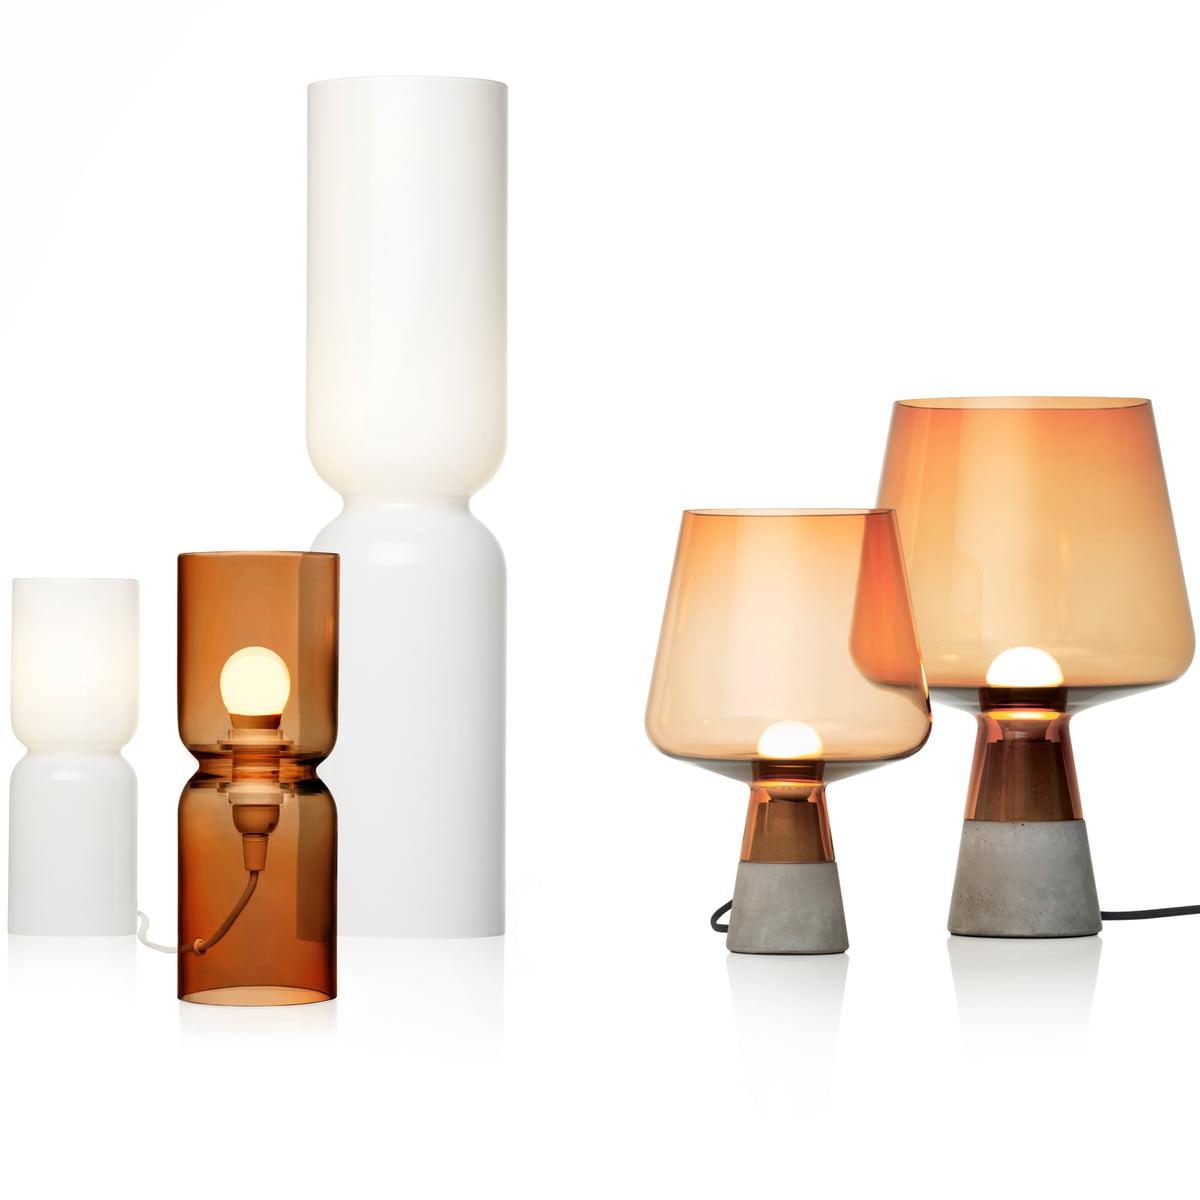 Mm Lampe 250 250 LanternBlanc 250 Mm Lampe LanternBlanc Iittala Iittala Lampe LanternBlanc Iittala 6Yyvbfg7